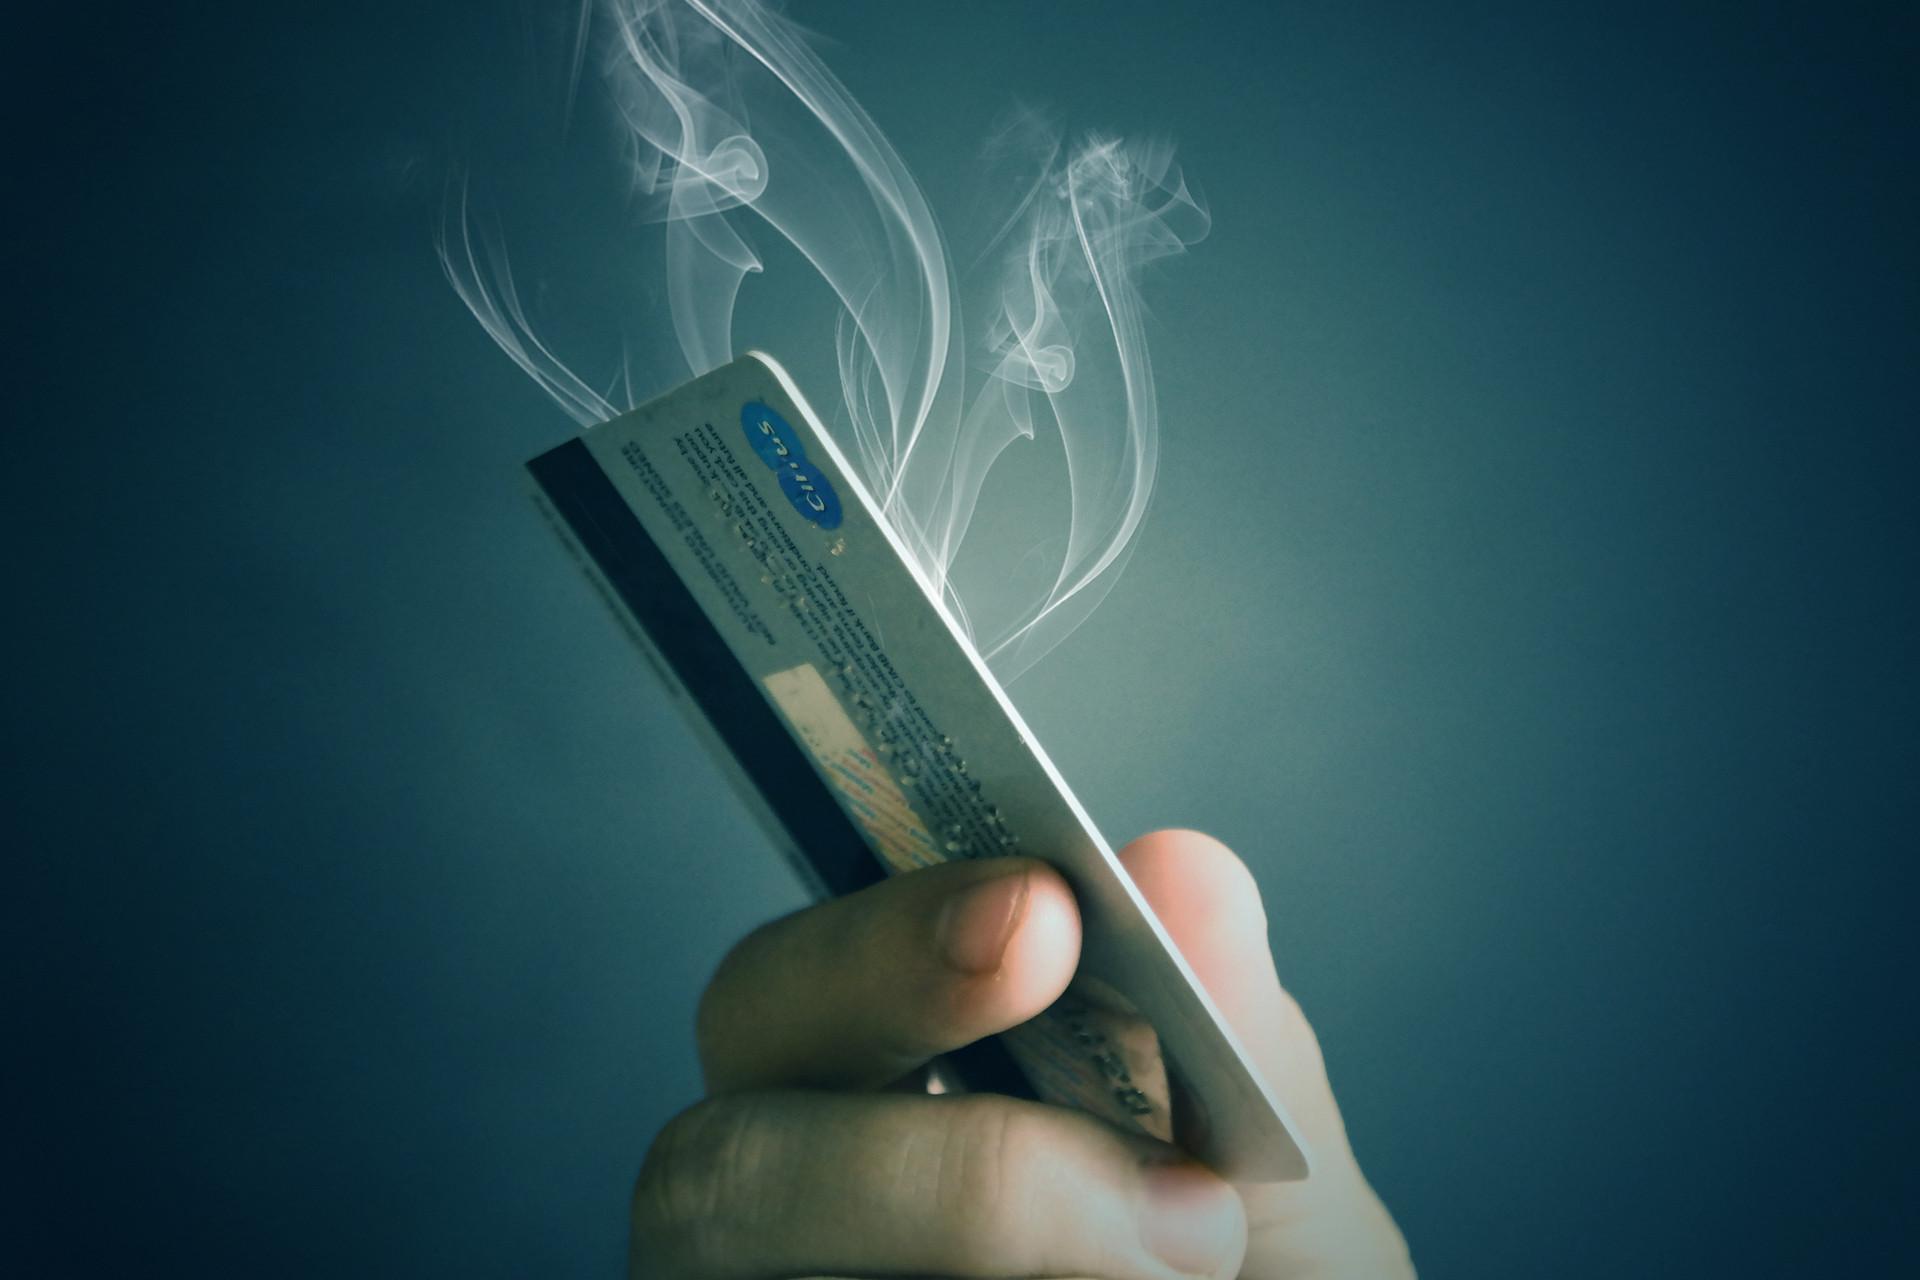 为什么很多公司都会选择短信发送工资条?